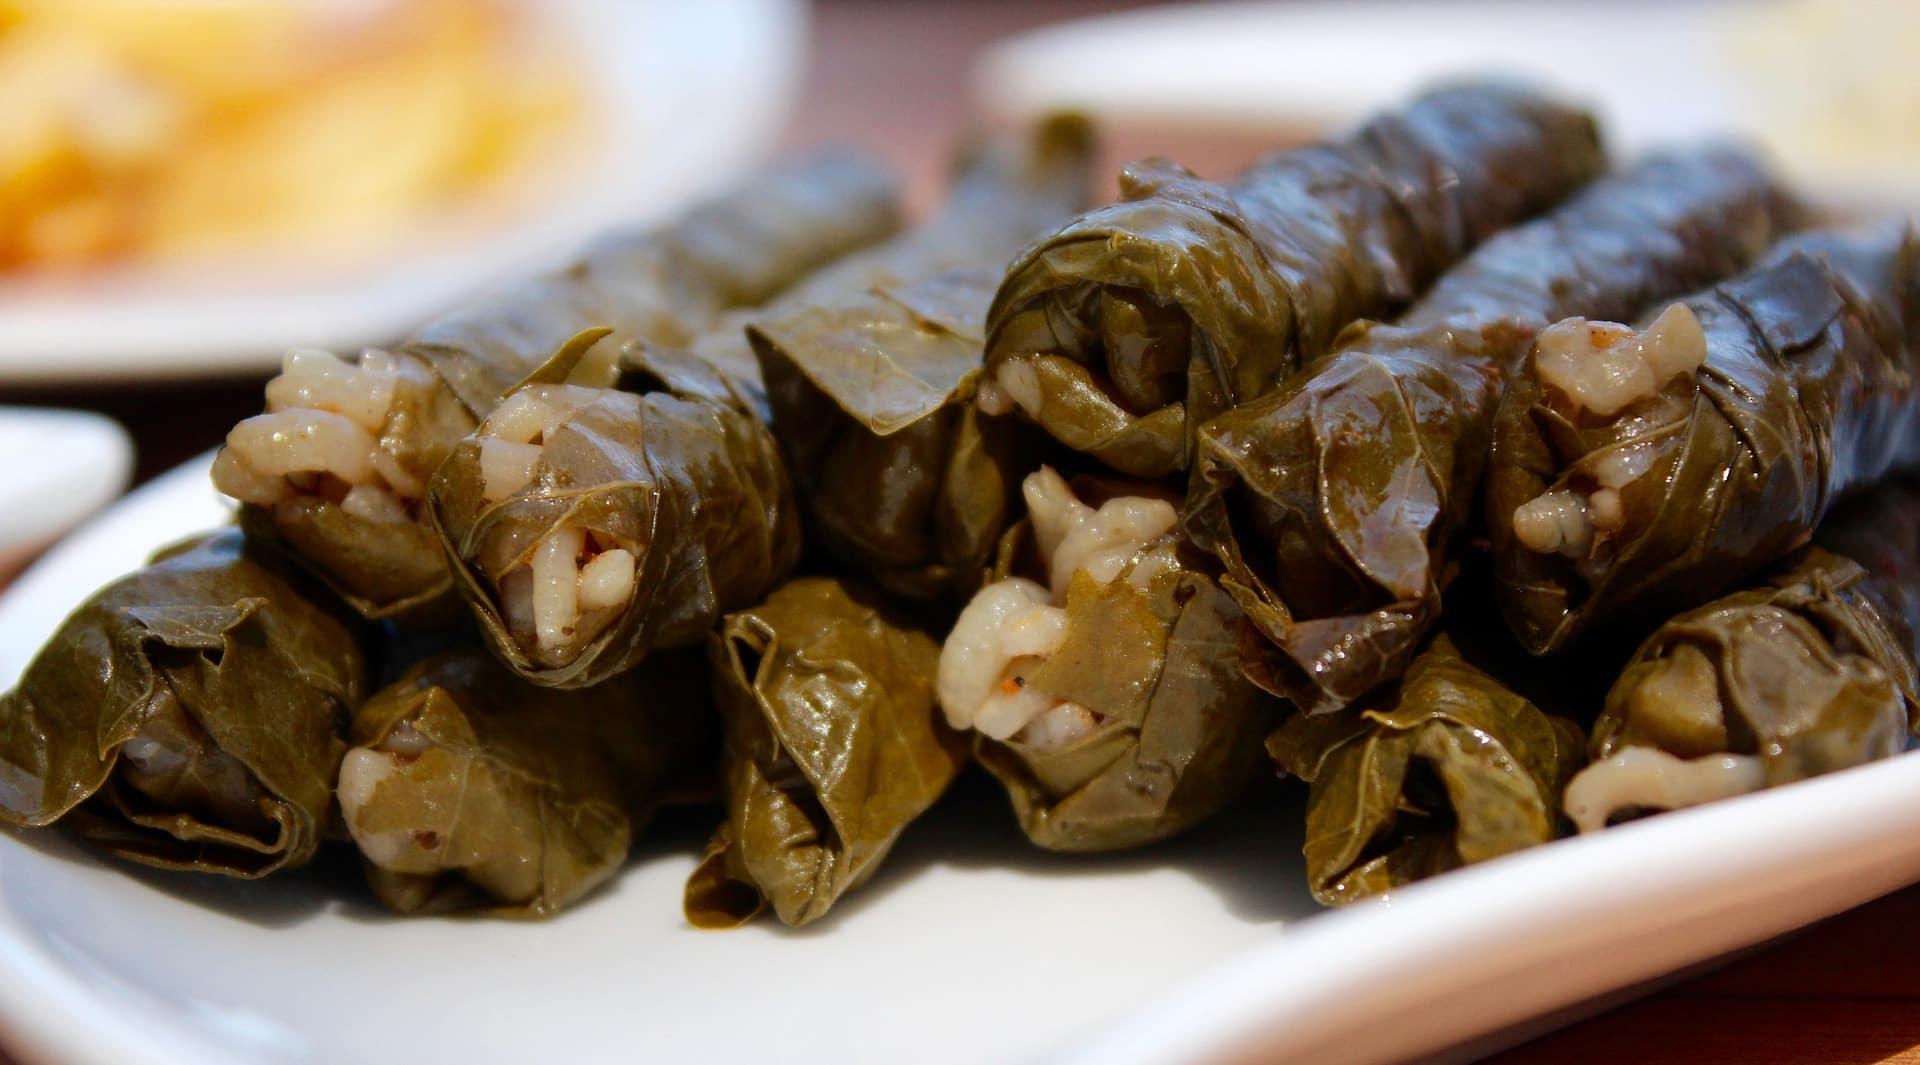 Comida tipica y gastronomia tradicional de Armenia